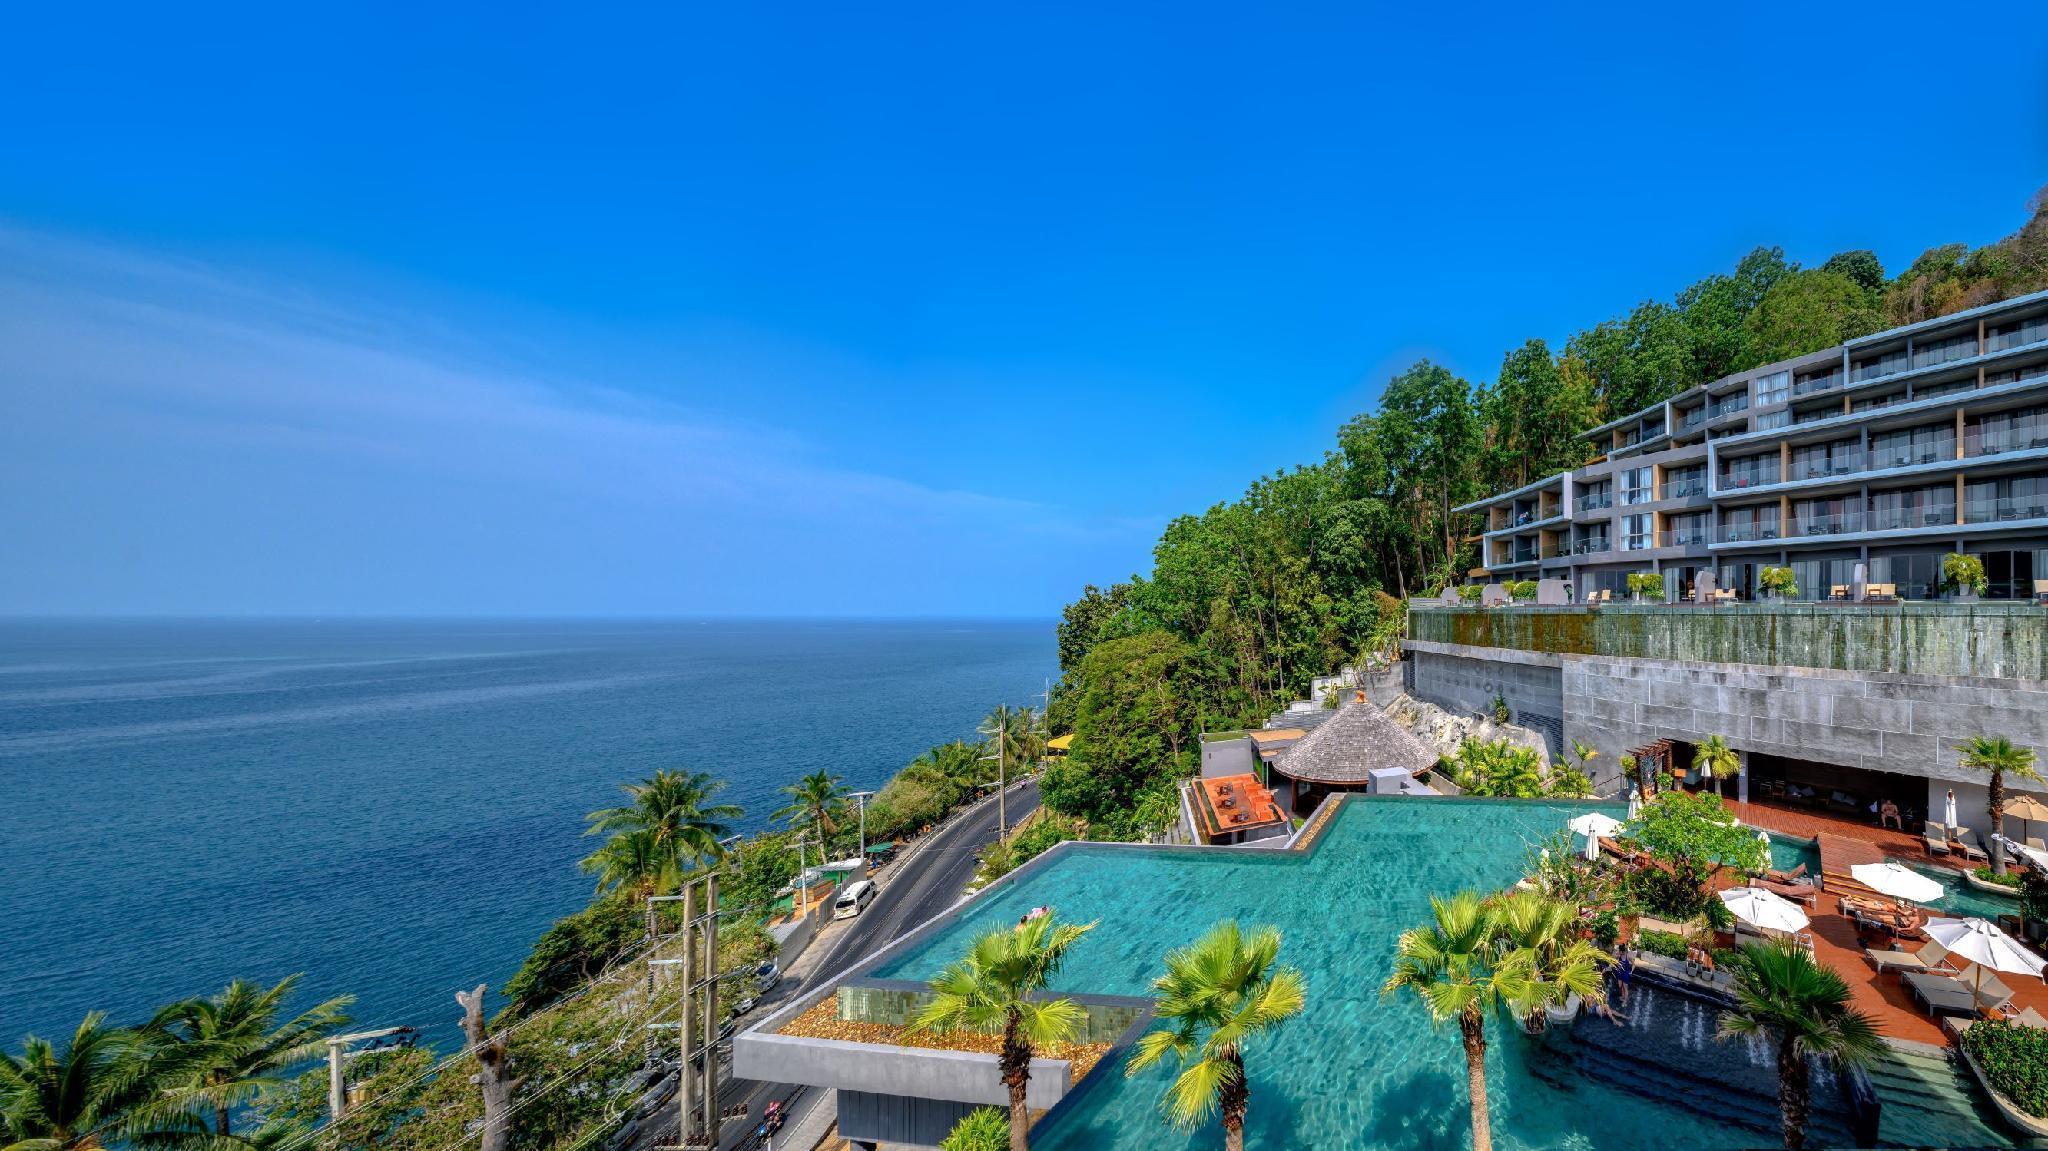 Kalima Resort & Spa คาลิมา รีสอร์ท แอนด์ สปา